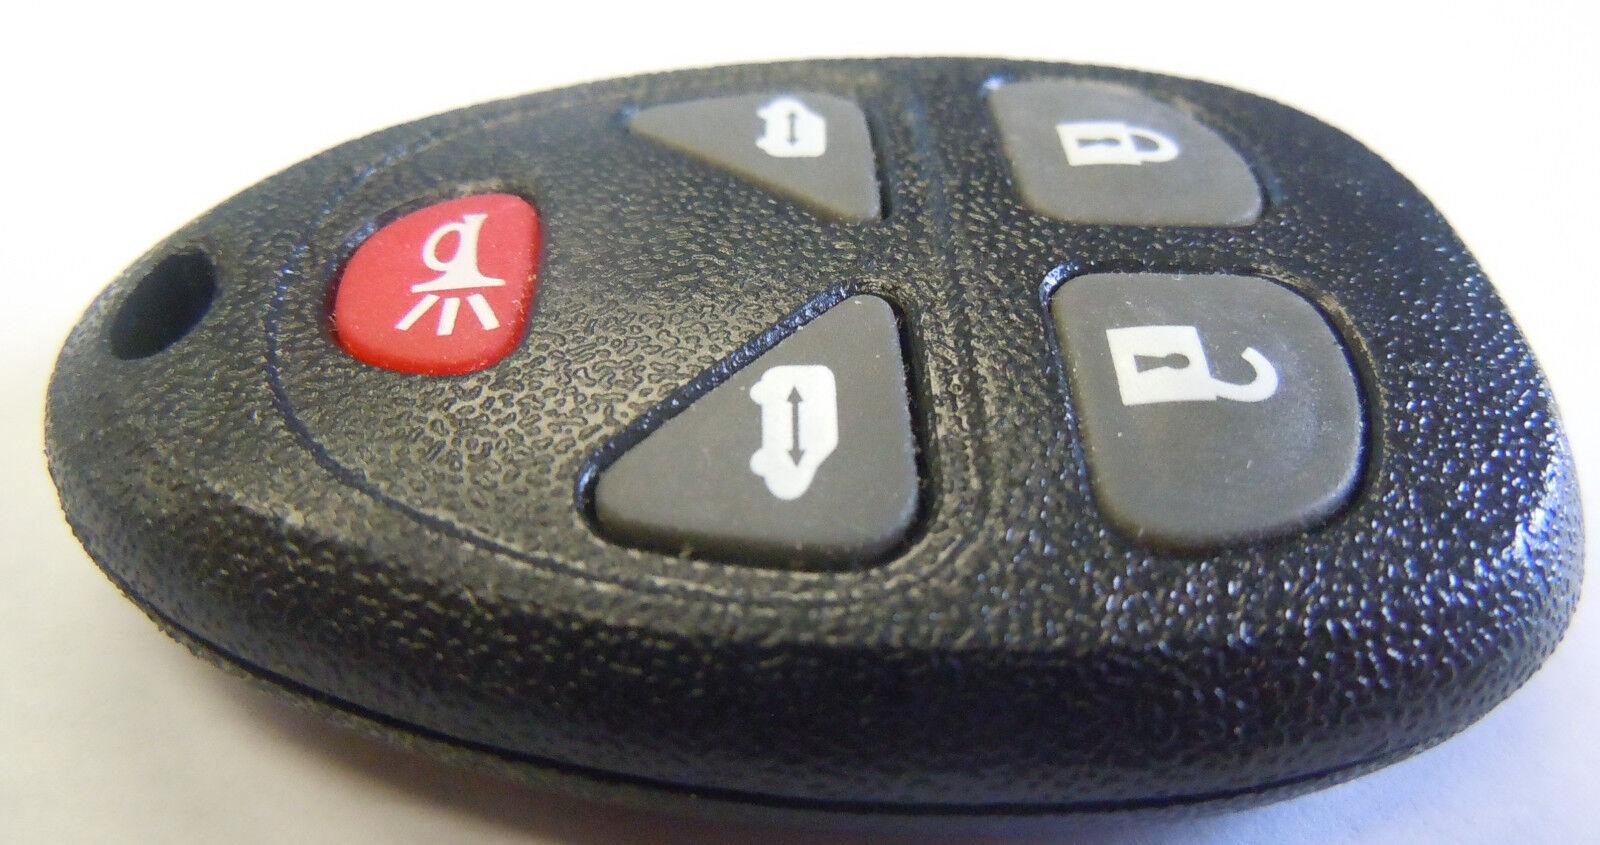 keyless remote fits Chevy Uplander 2008 2009 minivan van door opener key fob